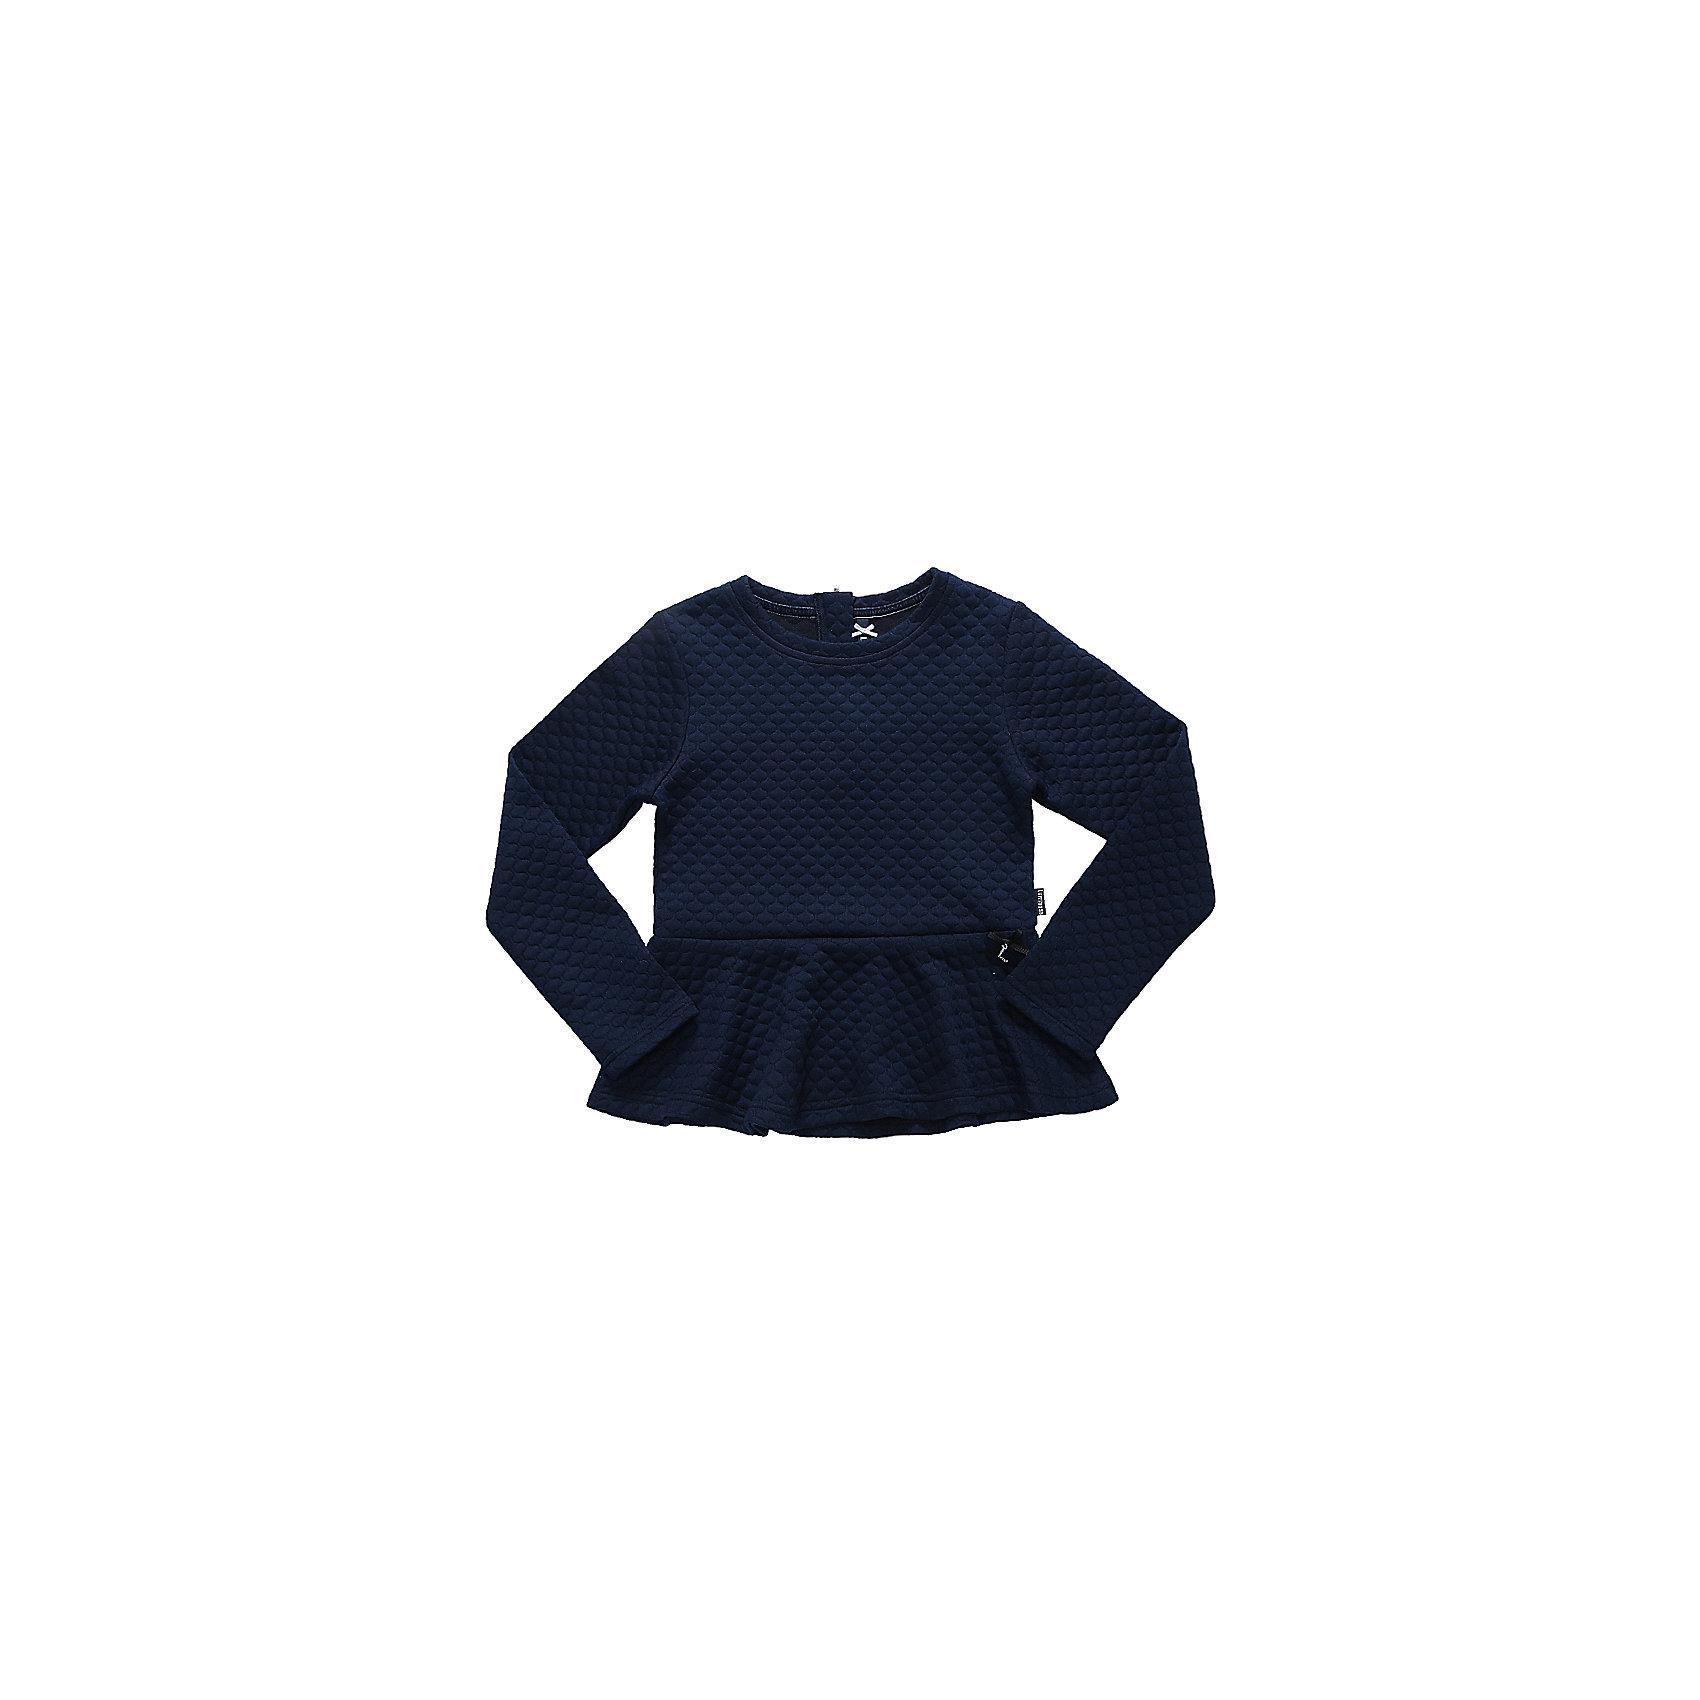 Блузка для девочки LuminosoБлузки и рубашки<br>Характеристики товара:<br><br>• цвет: синий;<br>• состав: 65% хлопок 35% полиэстер;<br>• сезон: демисезон;<br>• особенности: школьная, однотонная;<br>• с длинным рукавом:<br>• декорирована баской;<br>• страна бренда: Россия;<br>• страна производства: Китай.<br><br>Школьная блузка с длинным рукавом для девочки. Синяя блузка декорирована баской.<br><br>Блузка для девочки Luminoso (Люминосо) можно купить в нашем интернет-магазине.<br><br>Ширина мм: 186<br>Глубина мм: 87<br>Высота мм: 198<br>Вес г: 197<br>Цвет: синий<br>Возраст от месяцев: 156<br>Возраст до месяцев: 168<br>Пол: Женский<br>Возраст: Детский<br>Размер: 164,122,128,134,140,146,152,158<br>SKU: 6672878